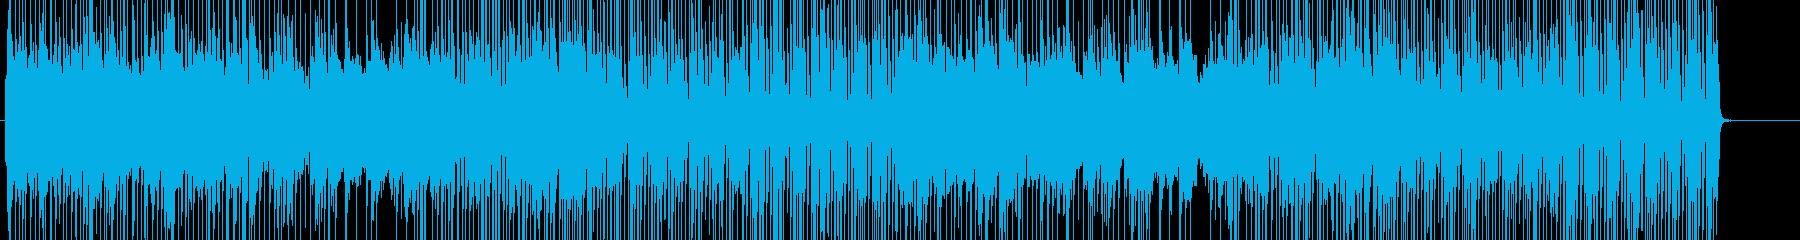 雑魚敵用の通常戦闘曲の再生済みの波形